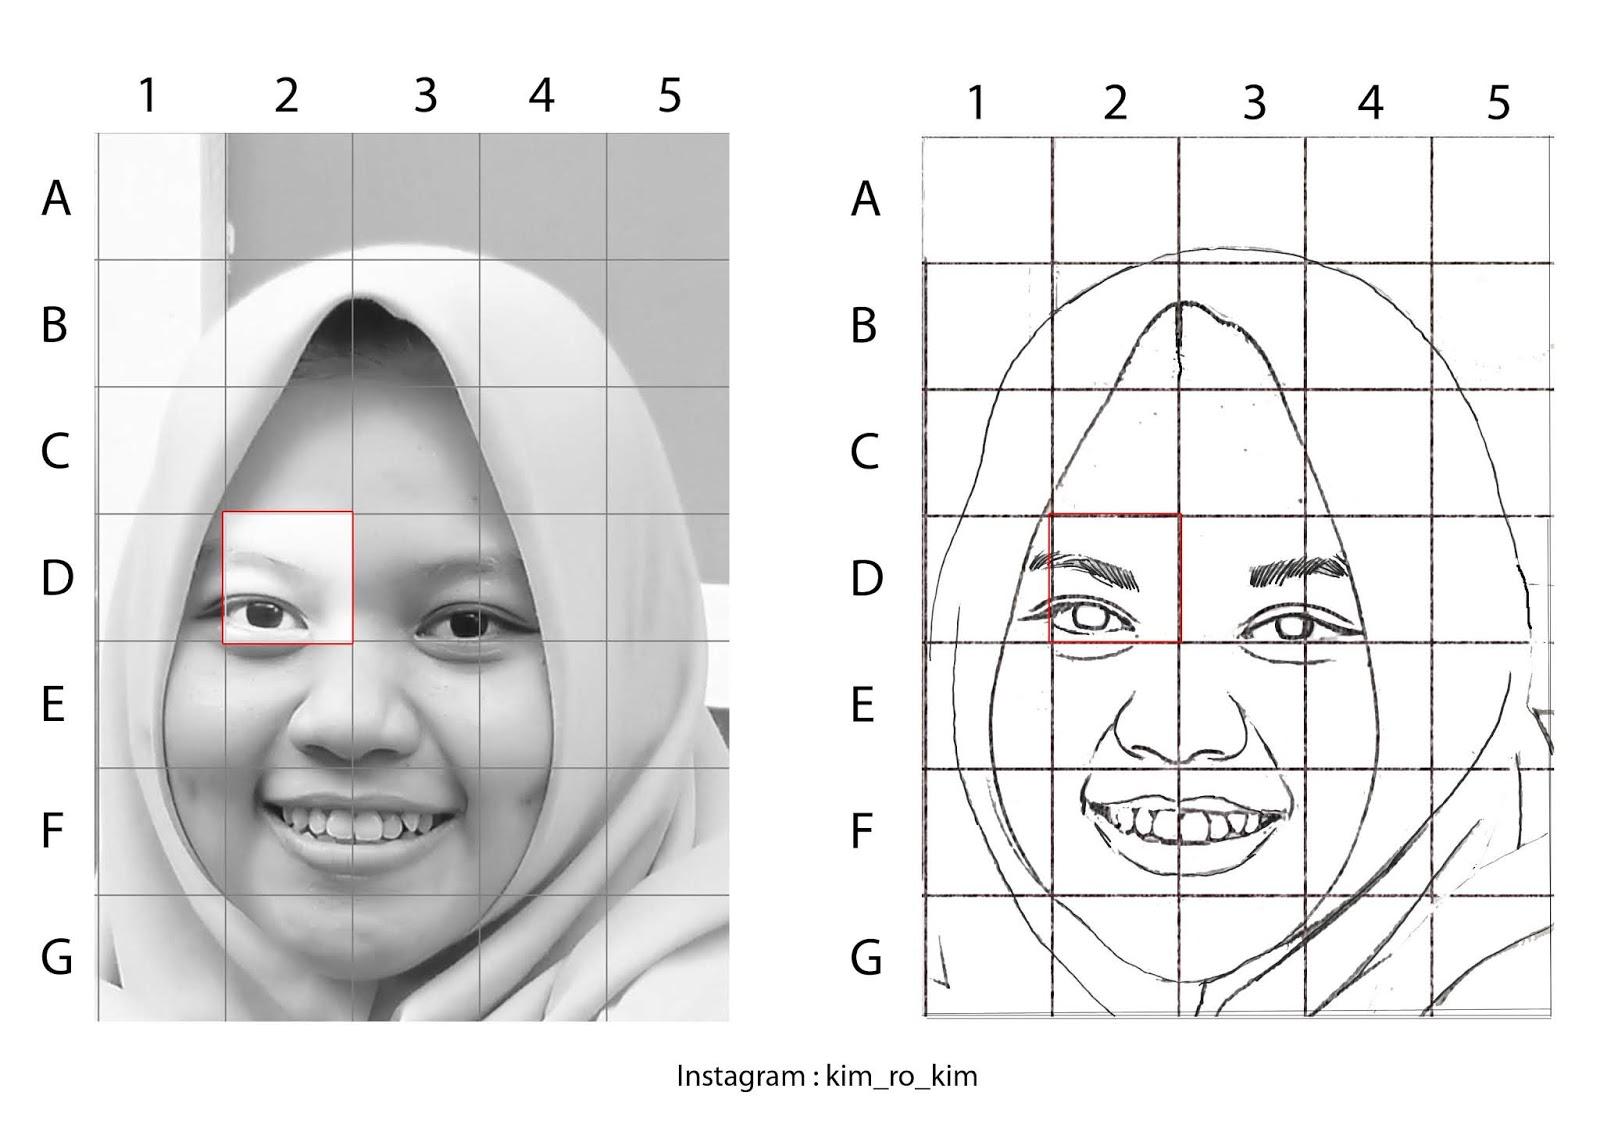 Daftar Cara Menggambar Wajah Manusia Untuk Pemula Terpopuler